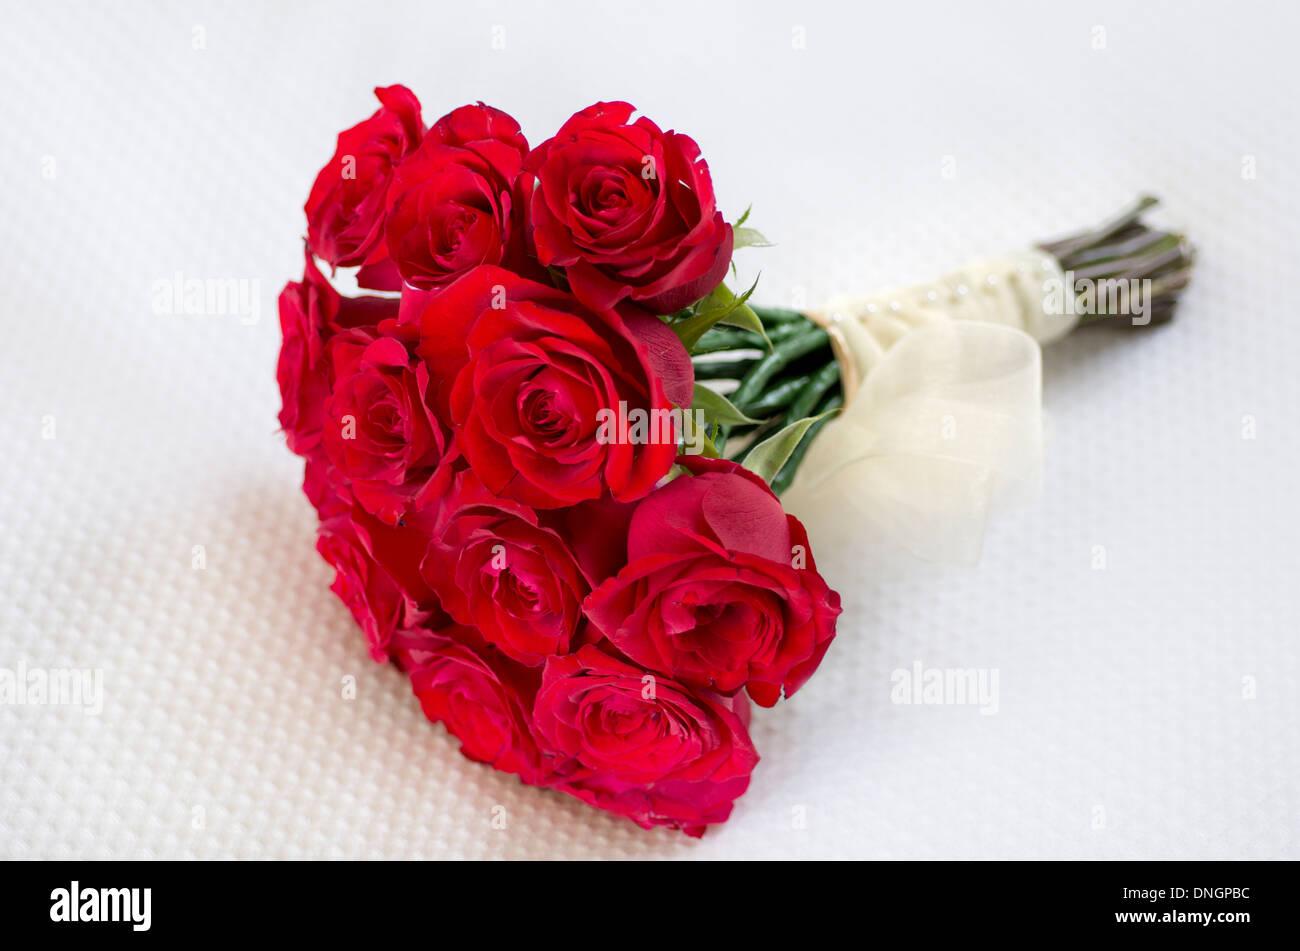 rote rosen brautstr u e brautstrau auf wei em hintergrund hautnah stockfoto bild 64907680 alamy. Black Bedroom Furniture Sets. Home Design Ideas